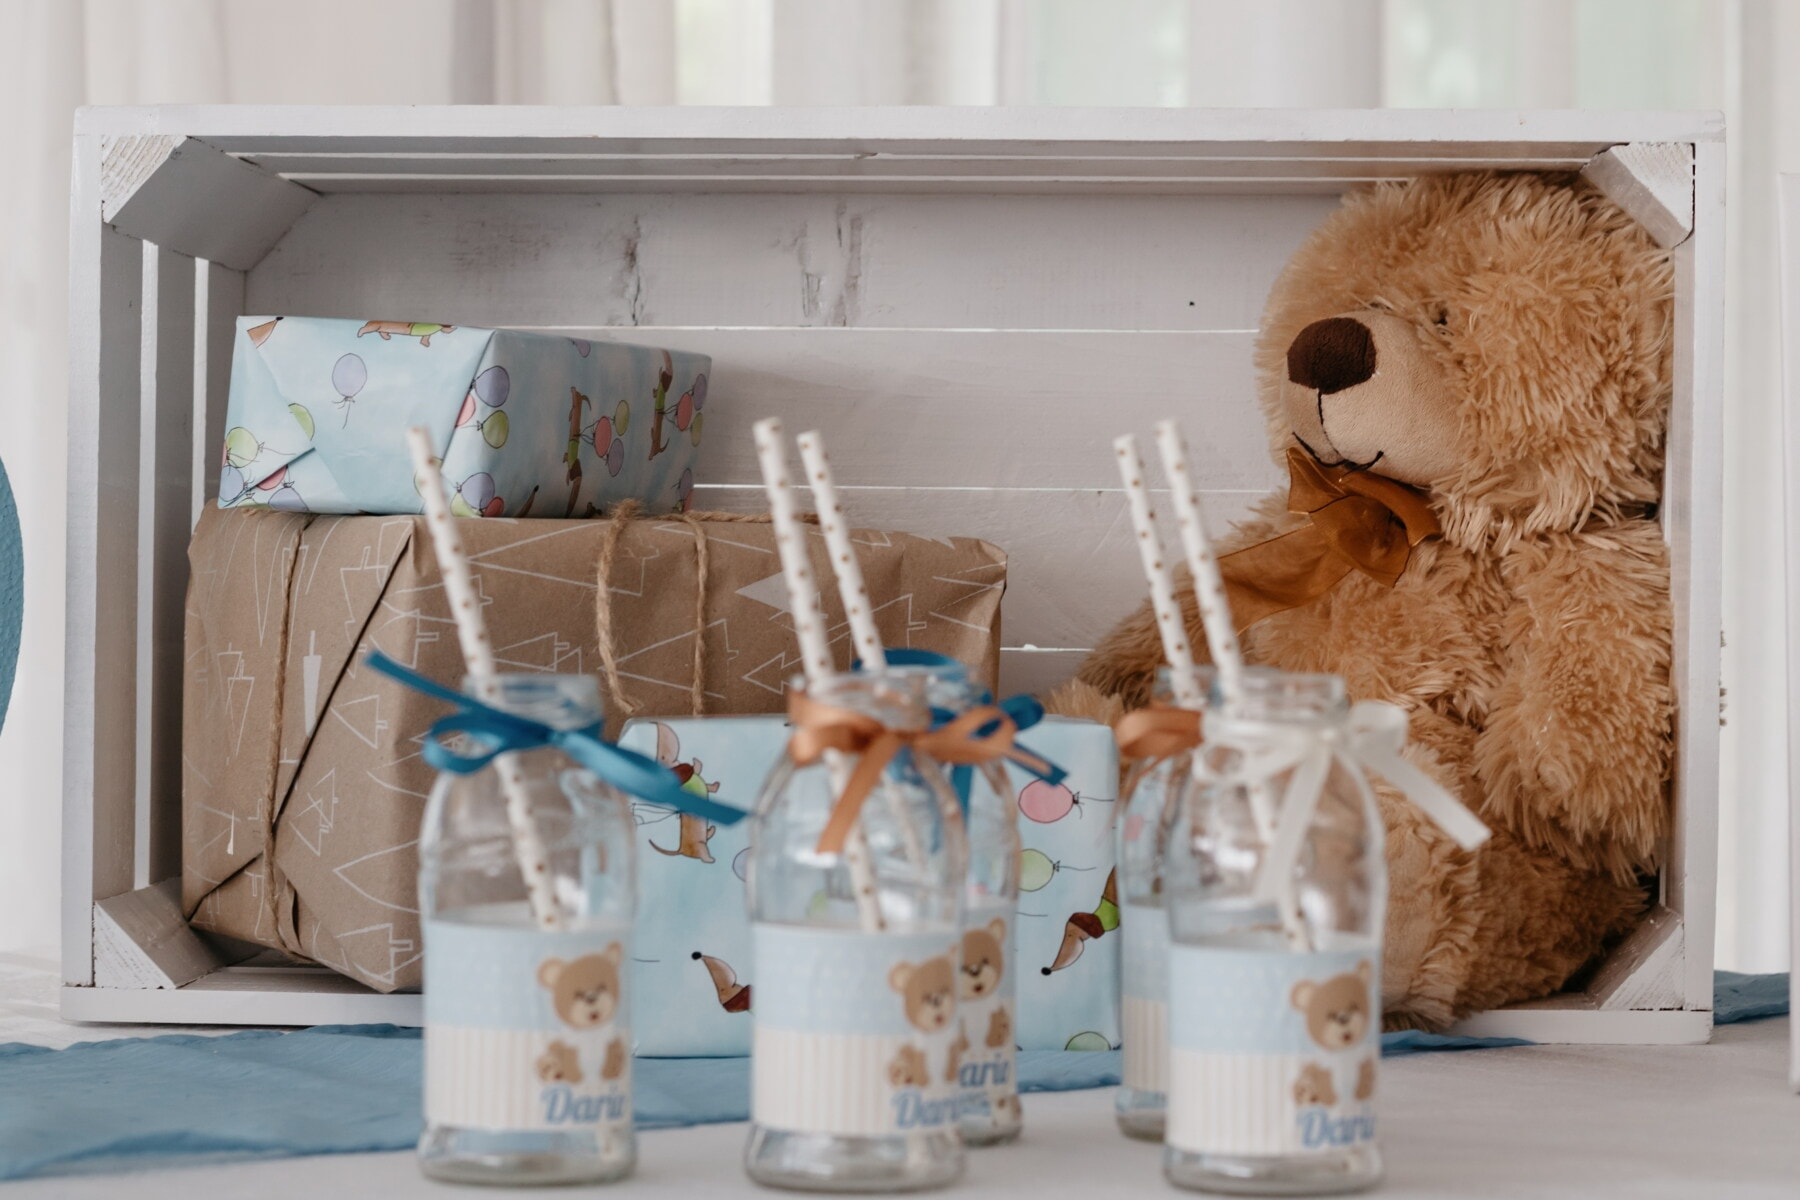 cadeaux, ours en peluche, Paquets, anniversaire, vintage, parti, à l'intérieur, bois, design d'intérieur, traditionnel